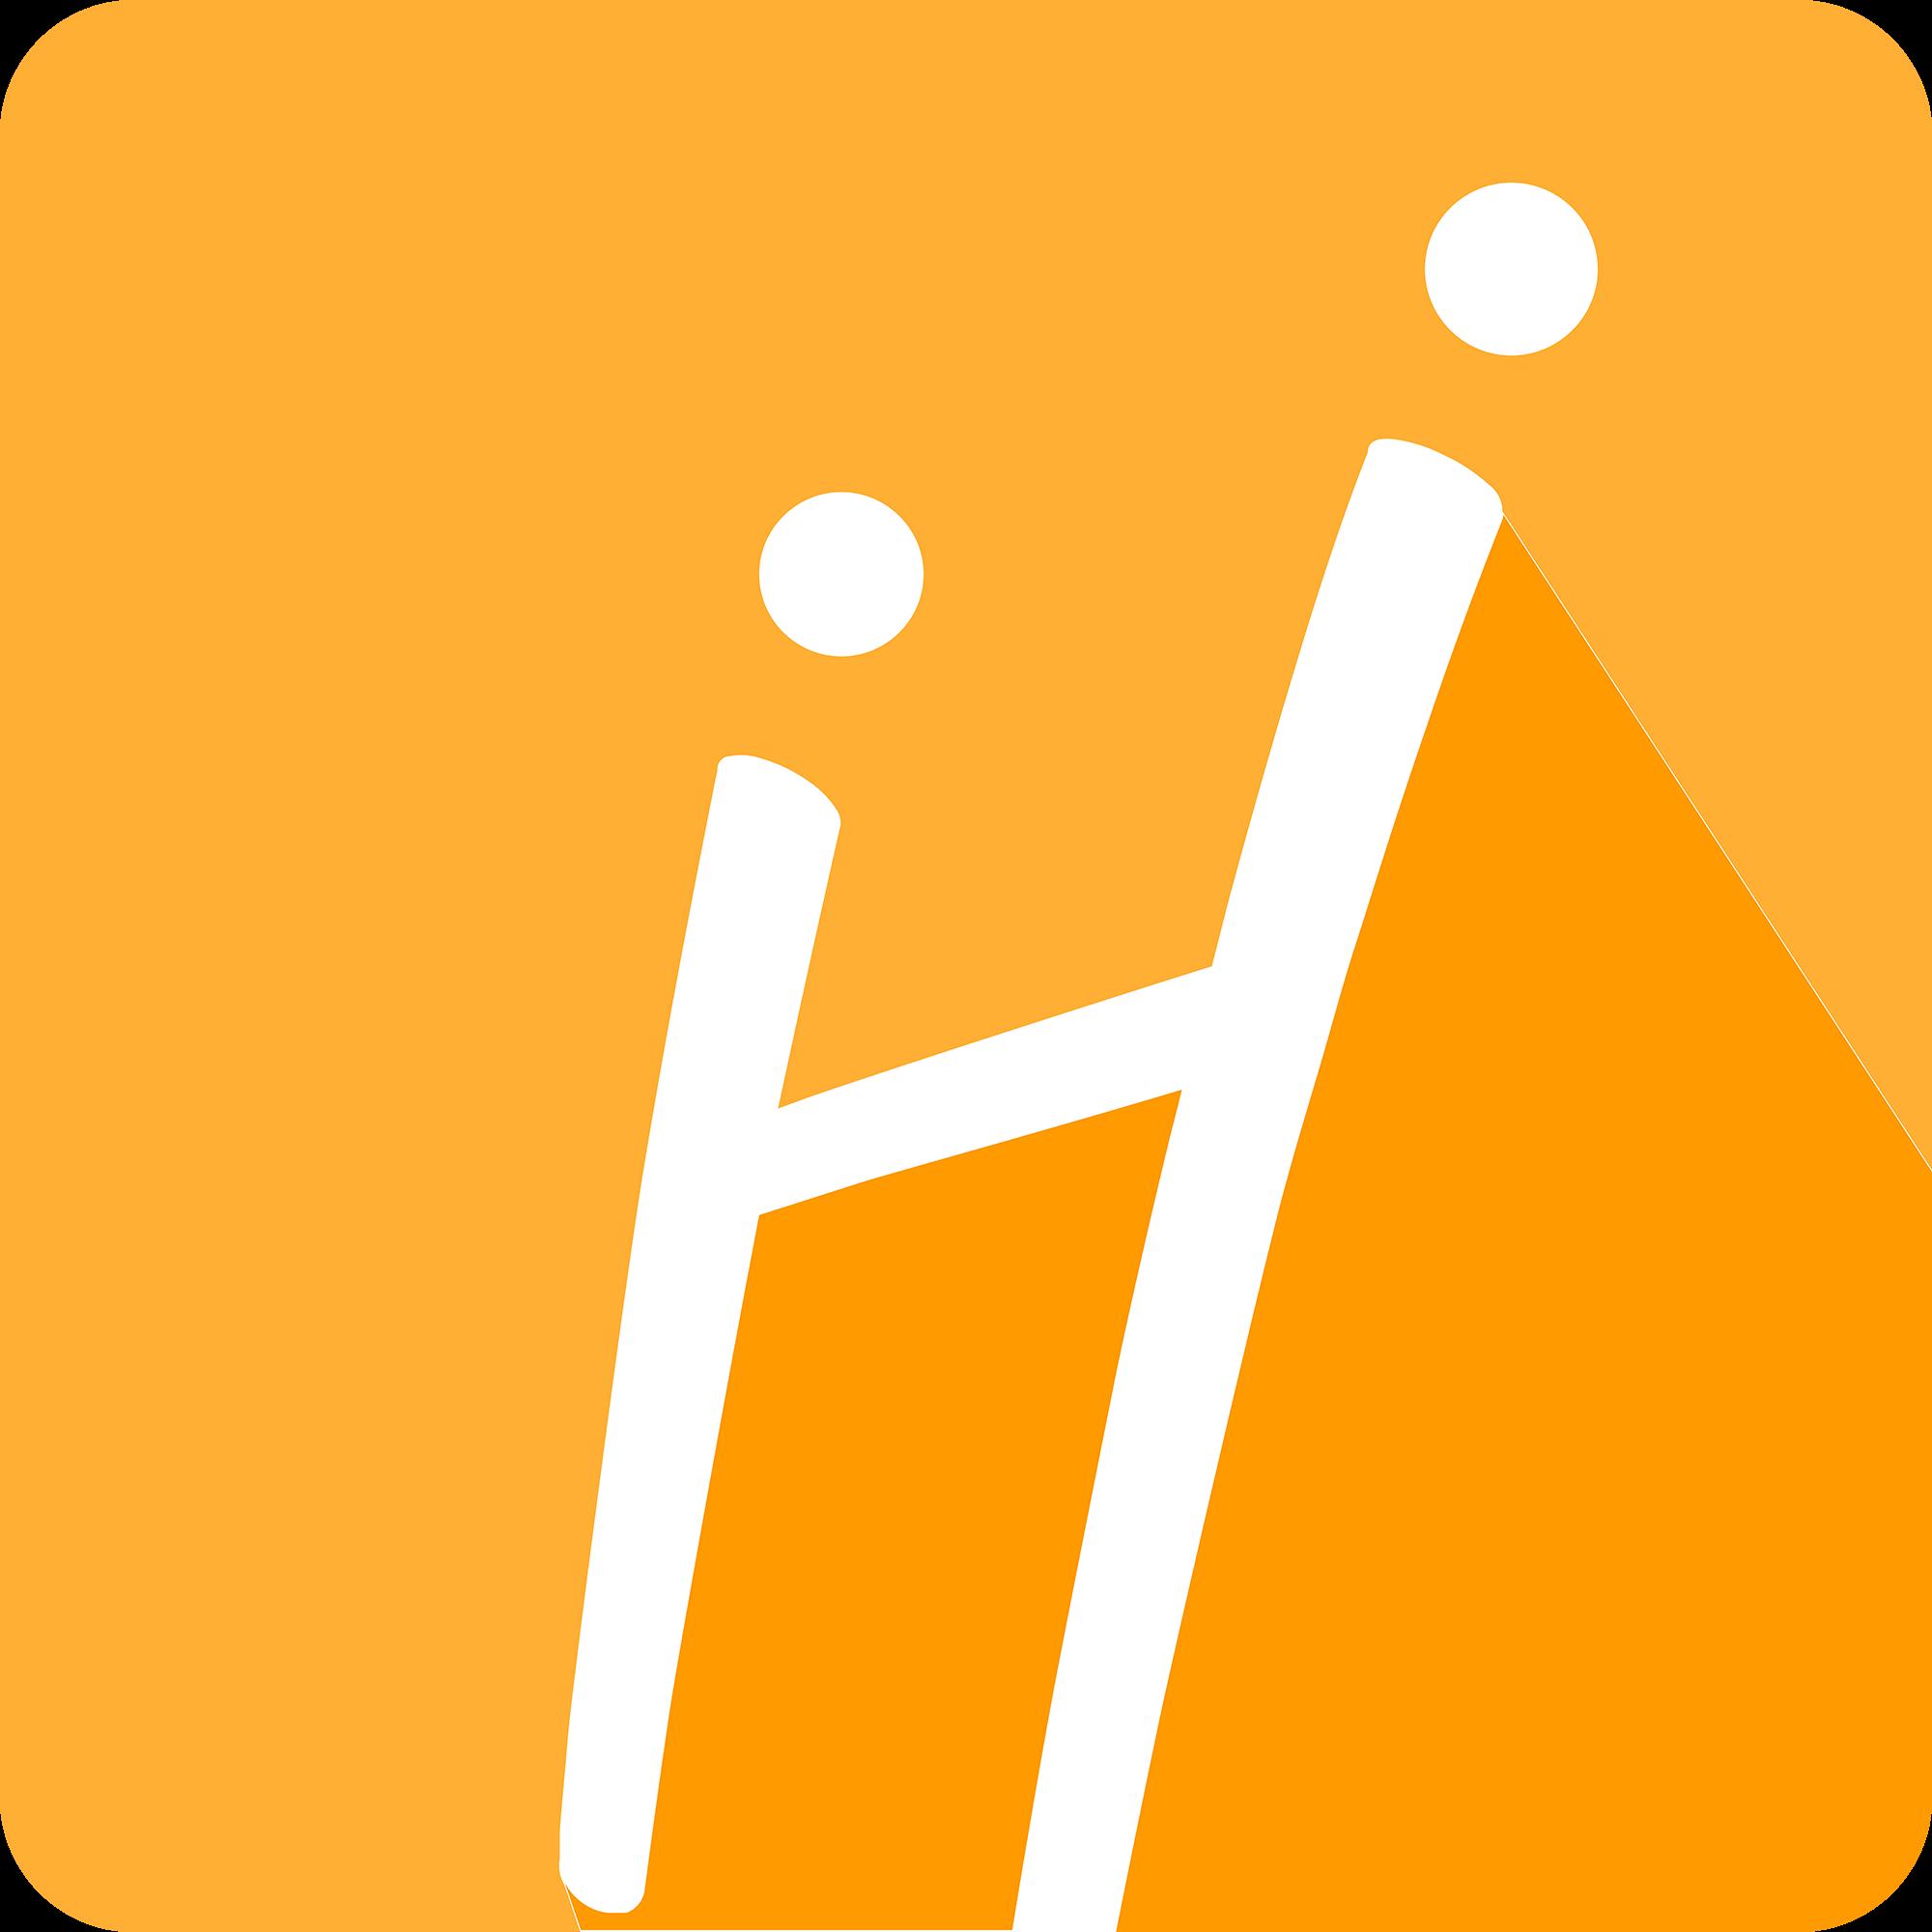 HuddleIQ Pty Ltd